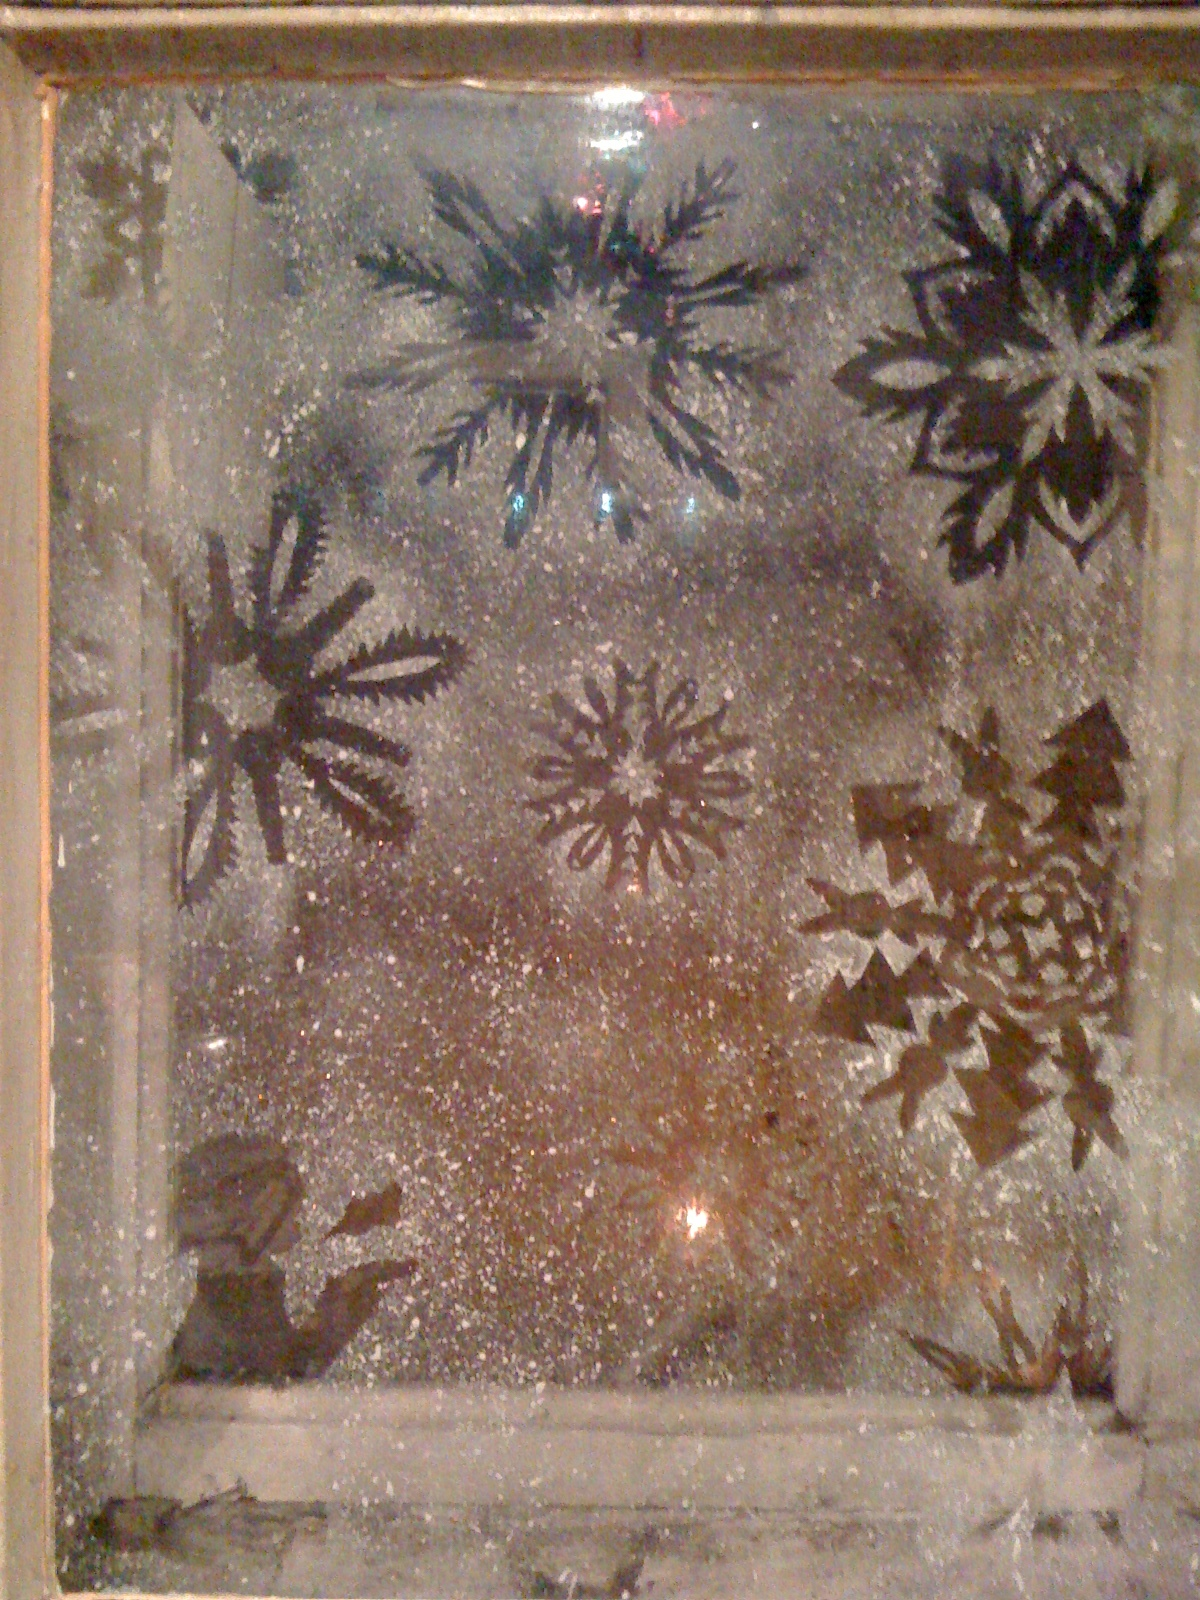 цветов зимние узоры на стекле зубной пастой фото рабочий отношусь